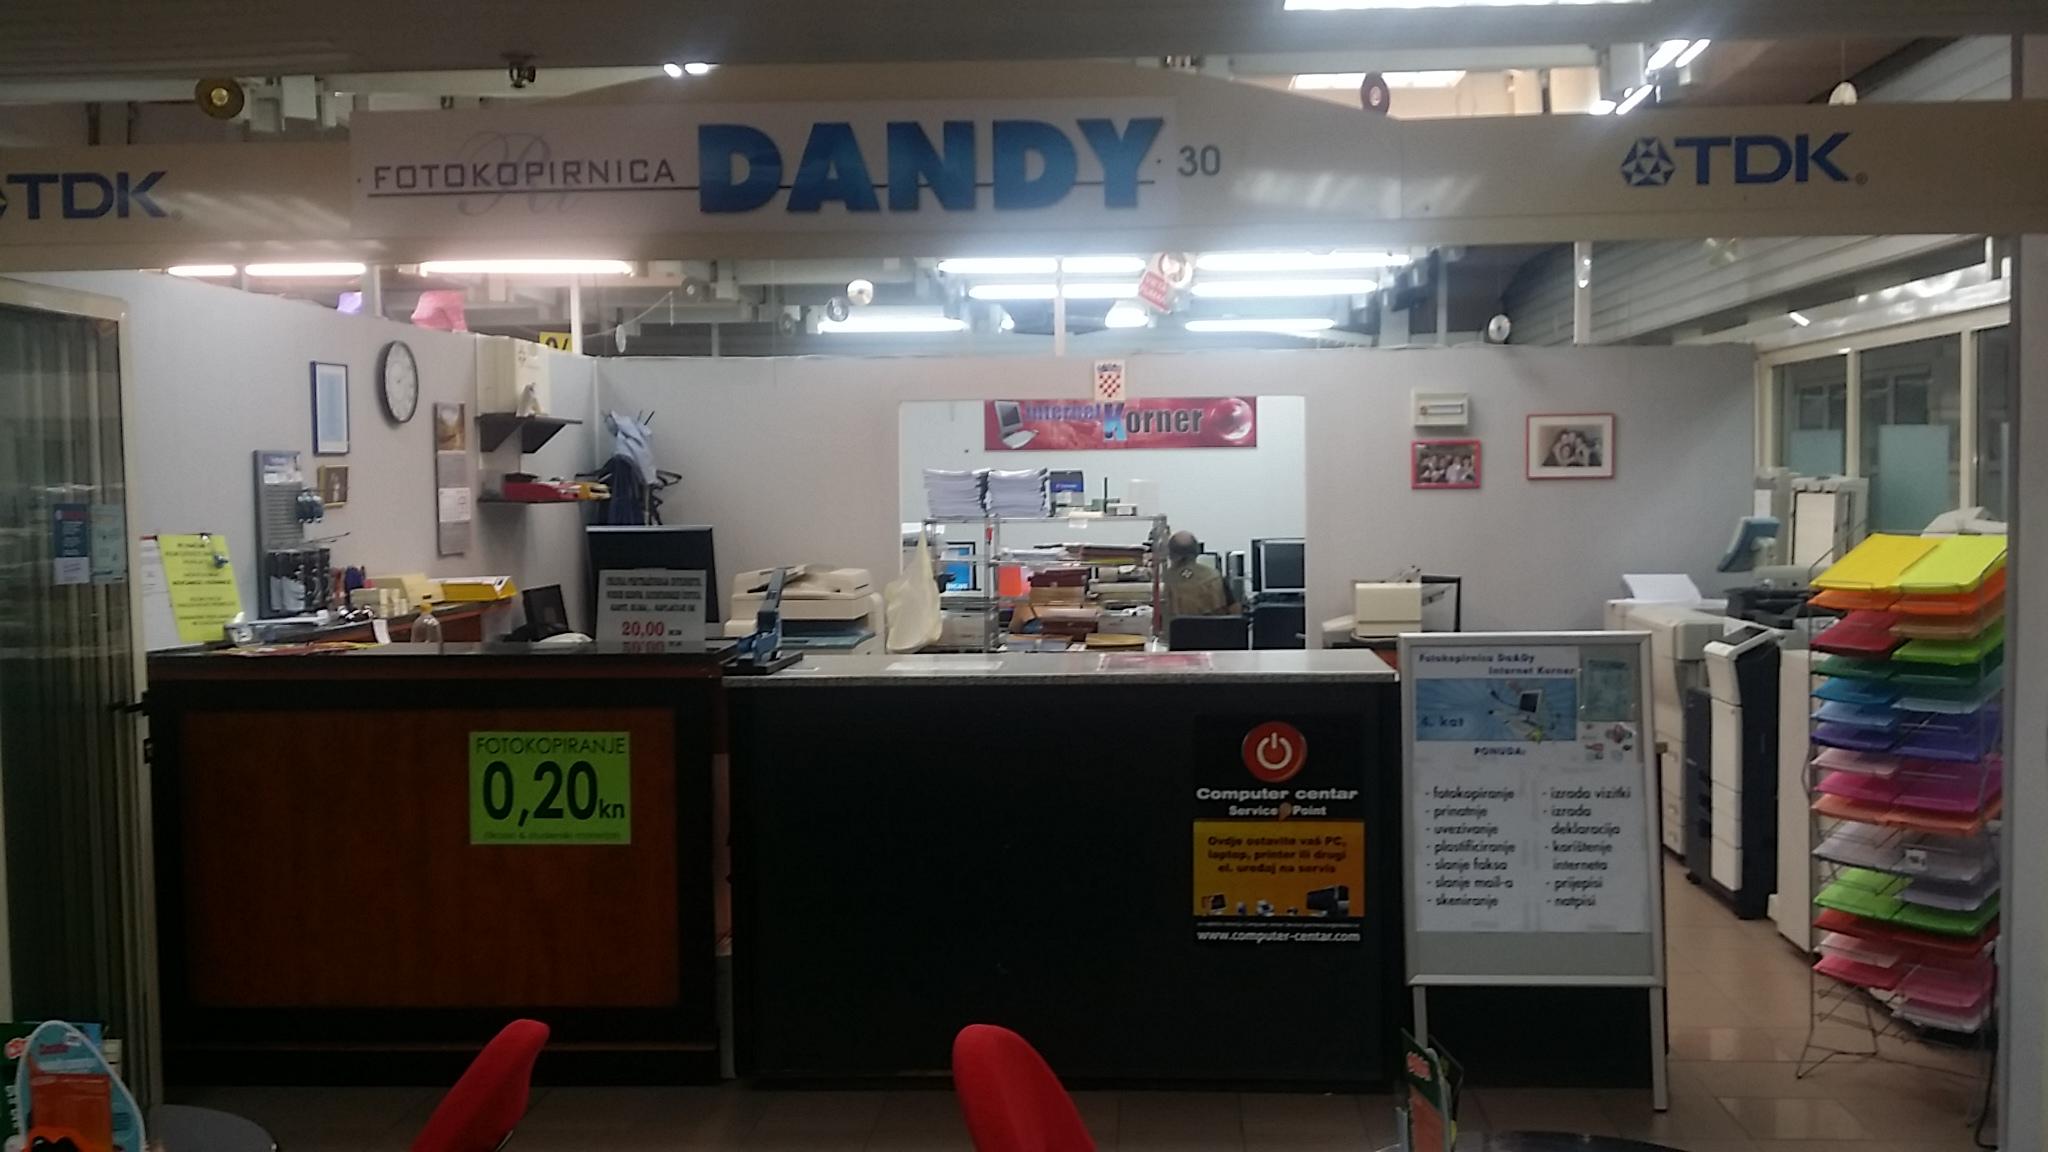 computer centar fotokopirnica dandy service point